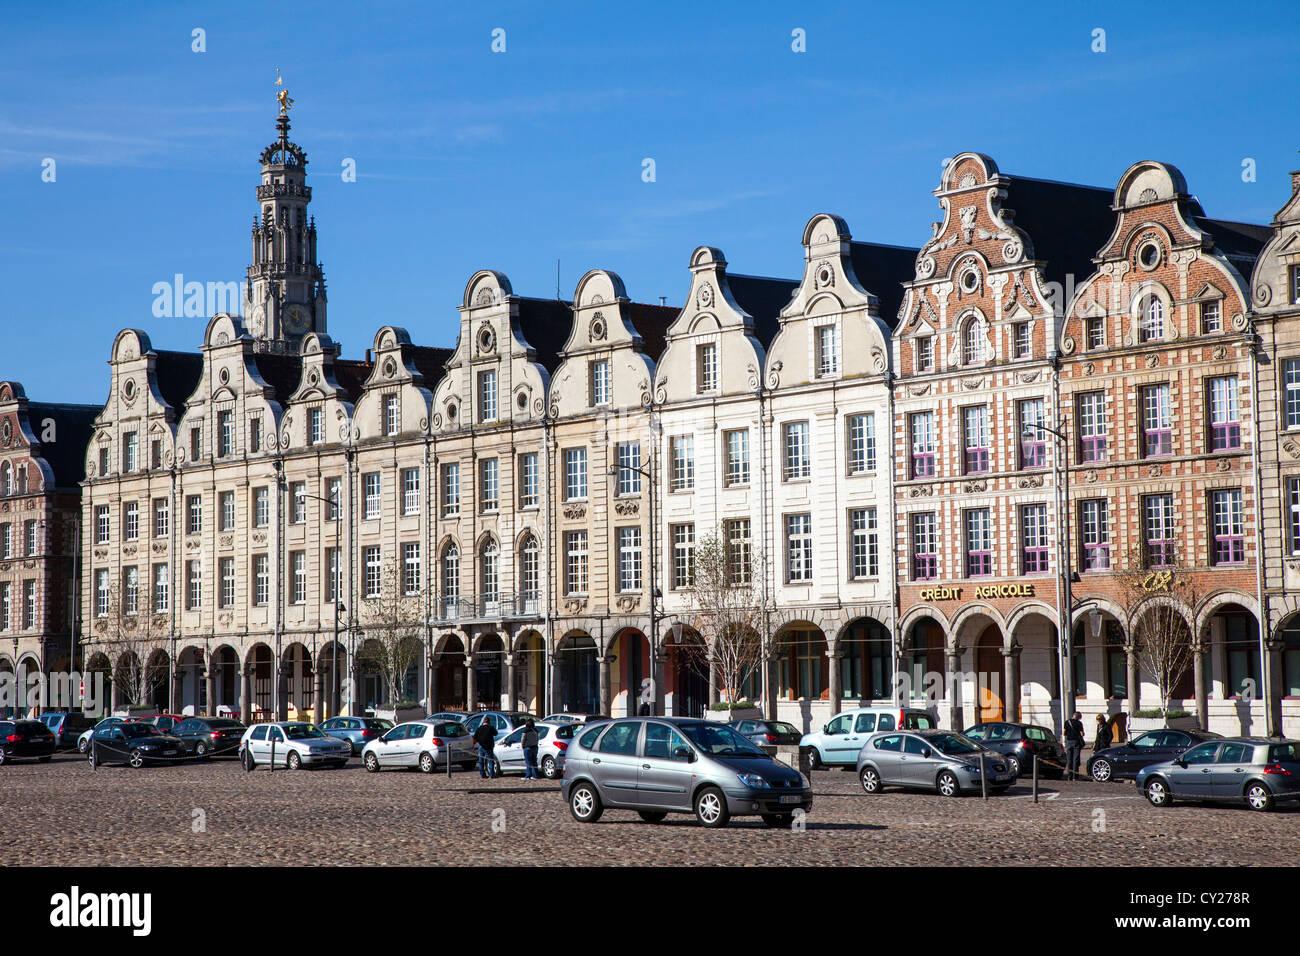 Flemish baroque building facades, Arras Nord Pas de Calais, France - Stock Image